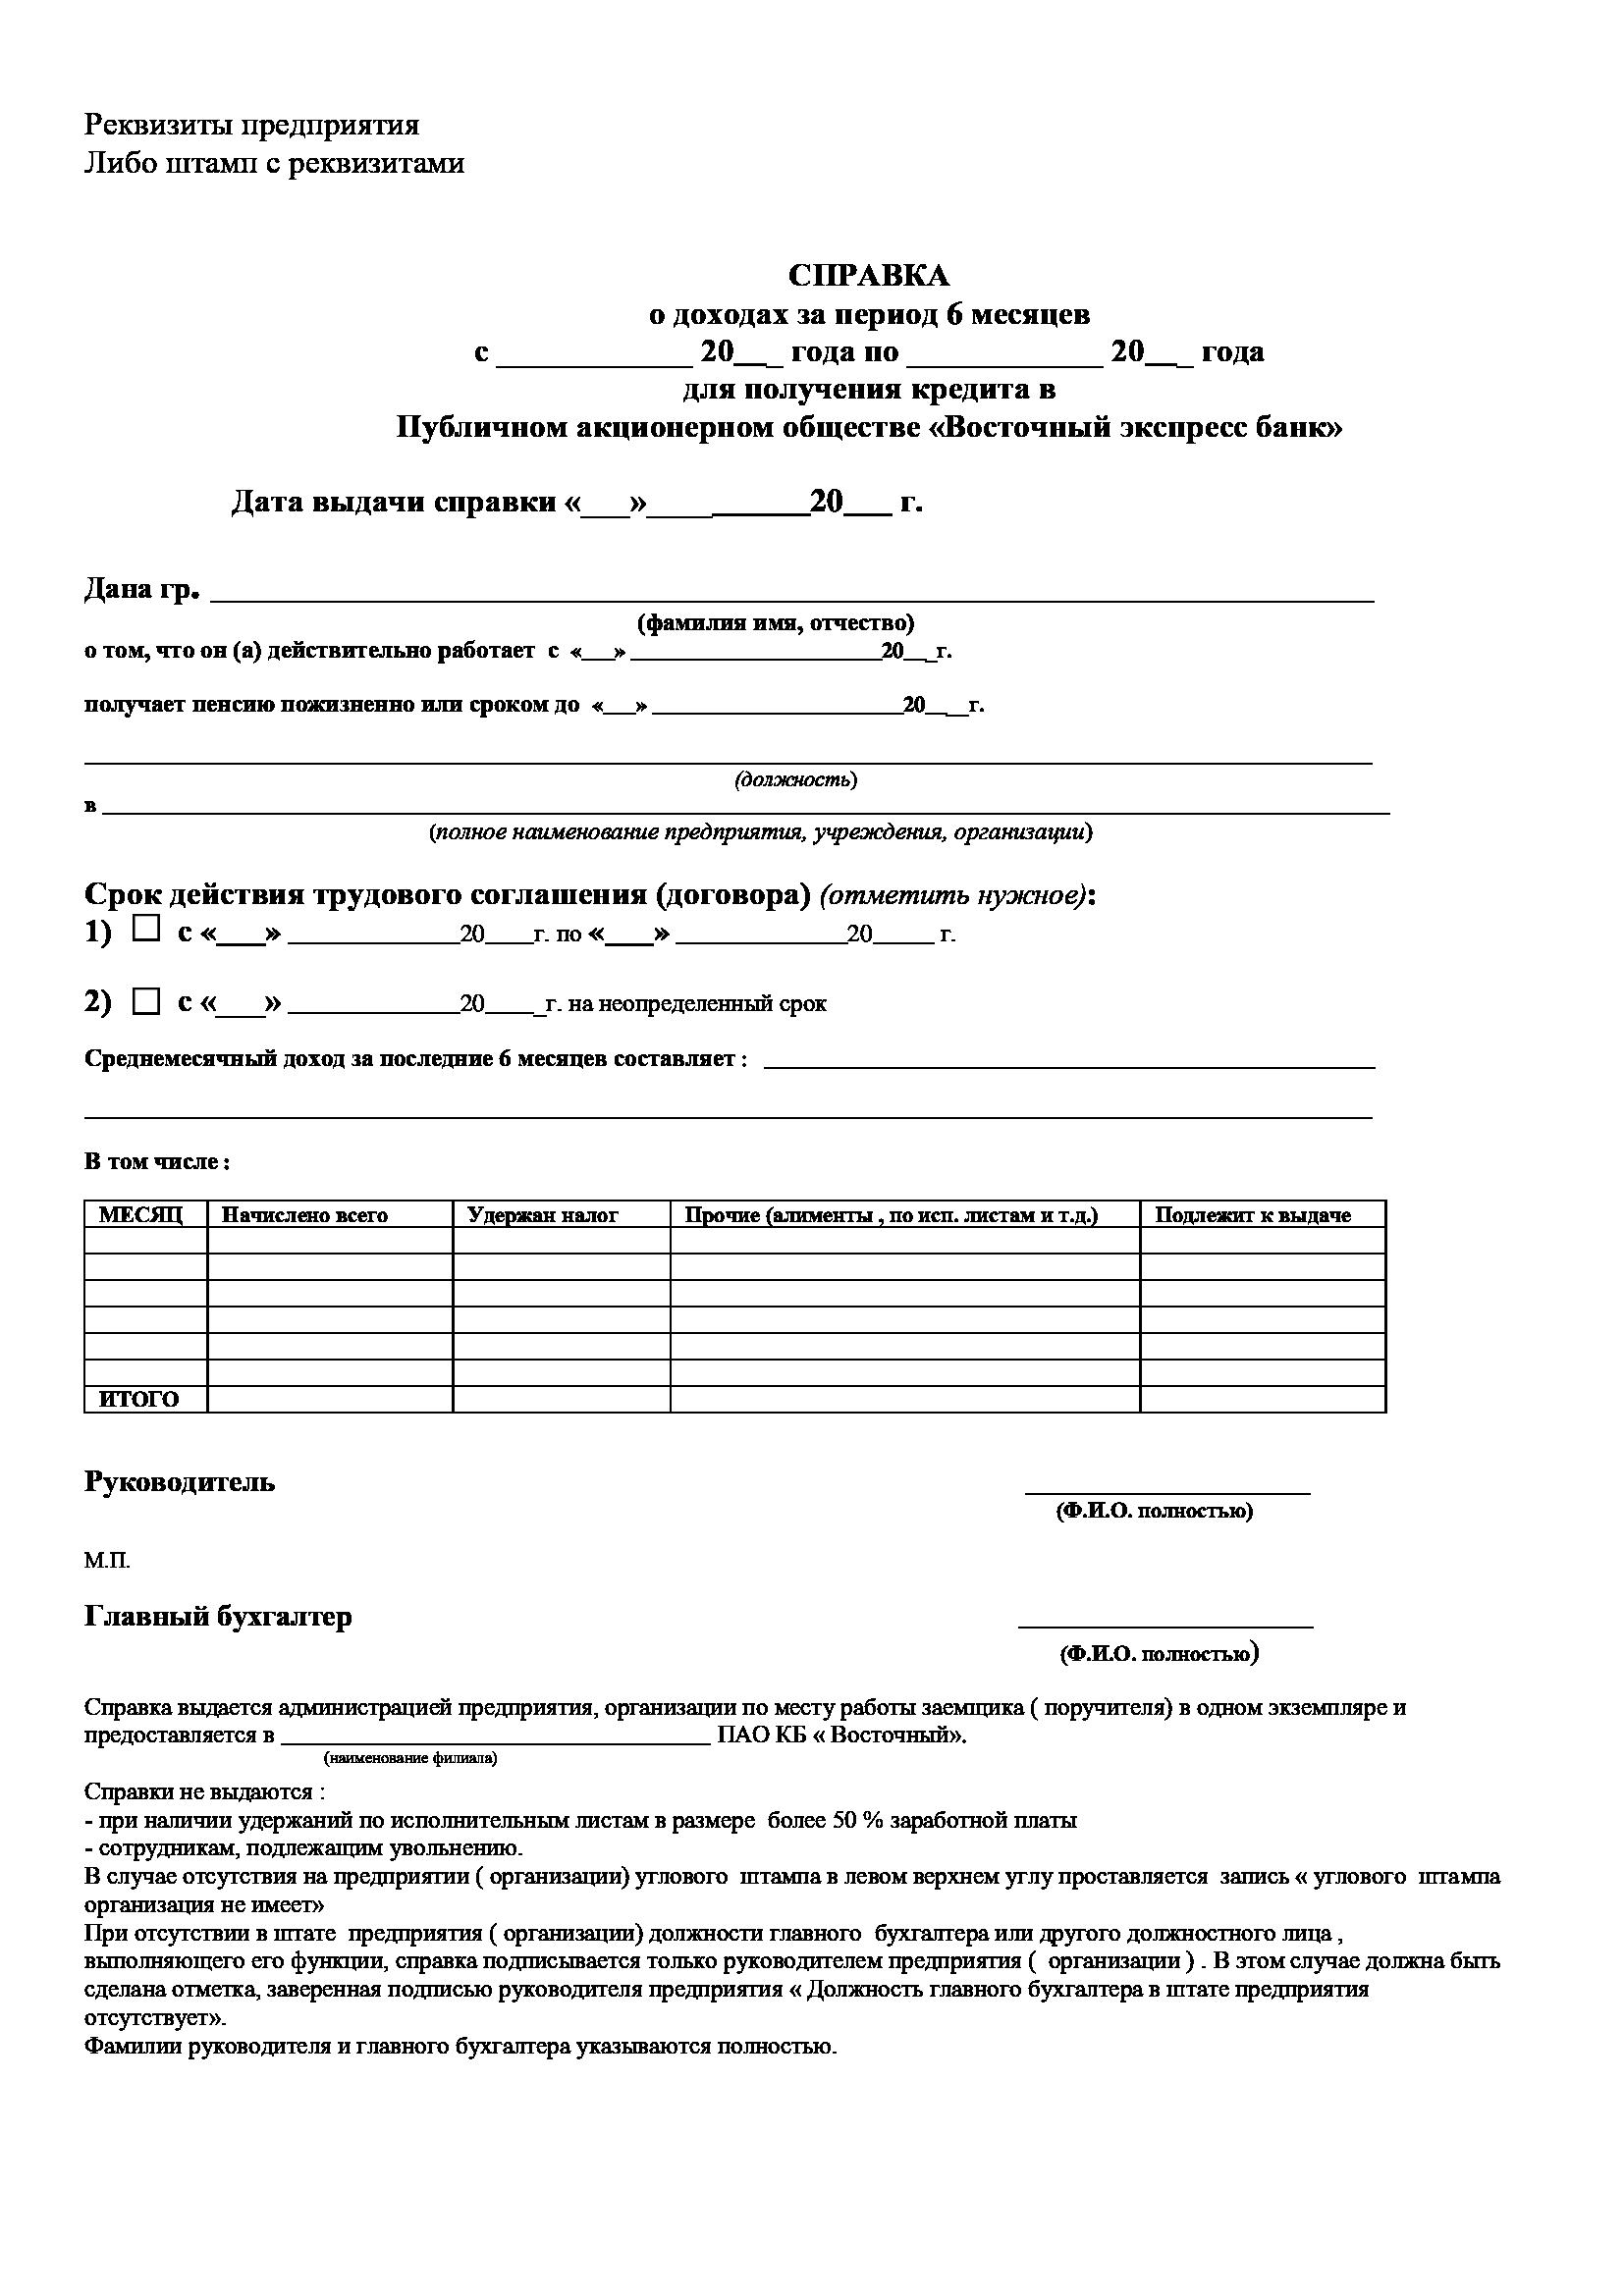 восточный банк кредиты отзывы о банке официальный сайт blackview в россии